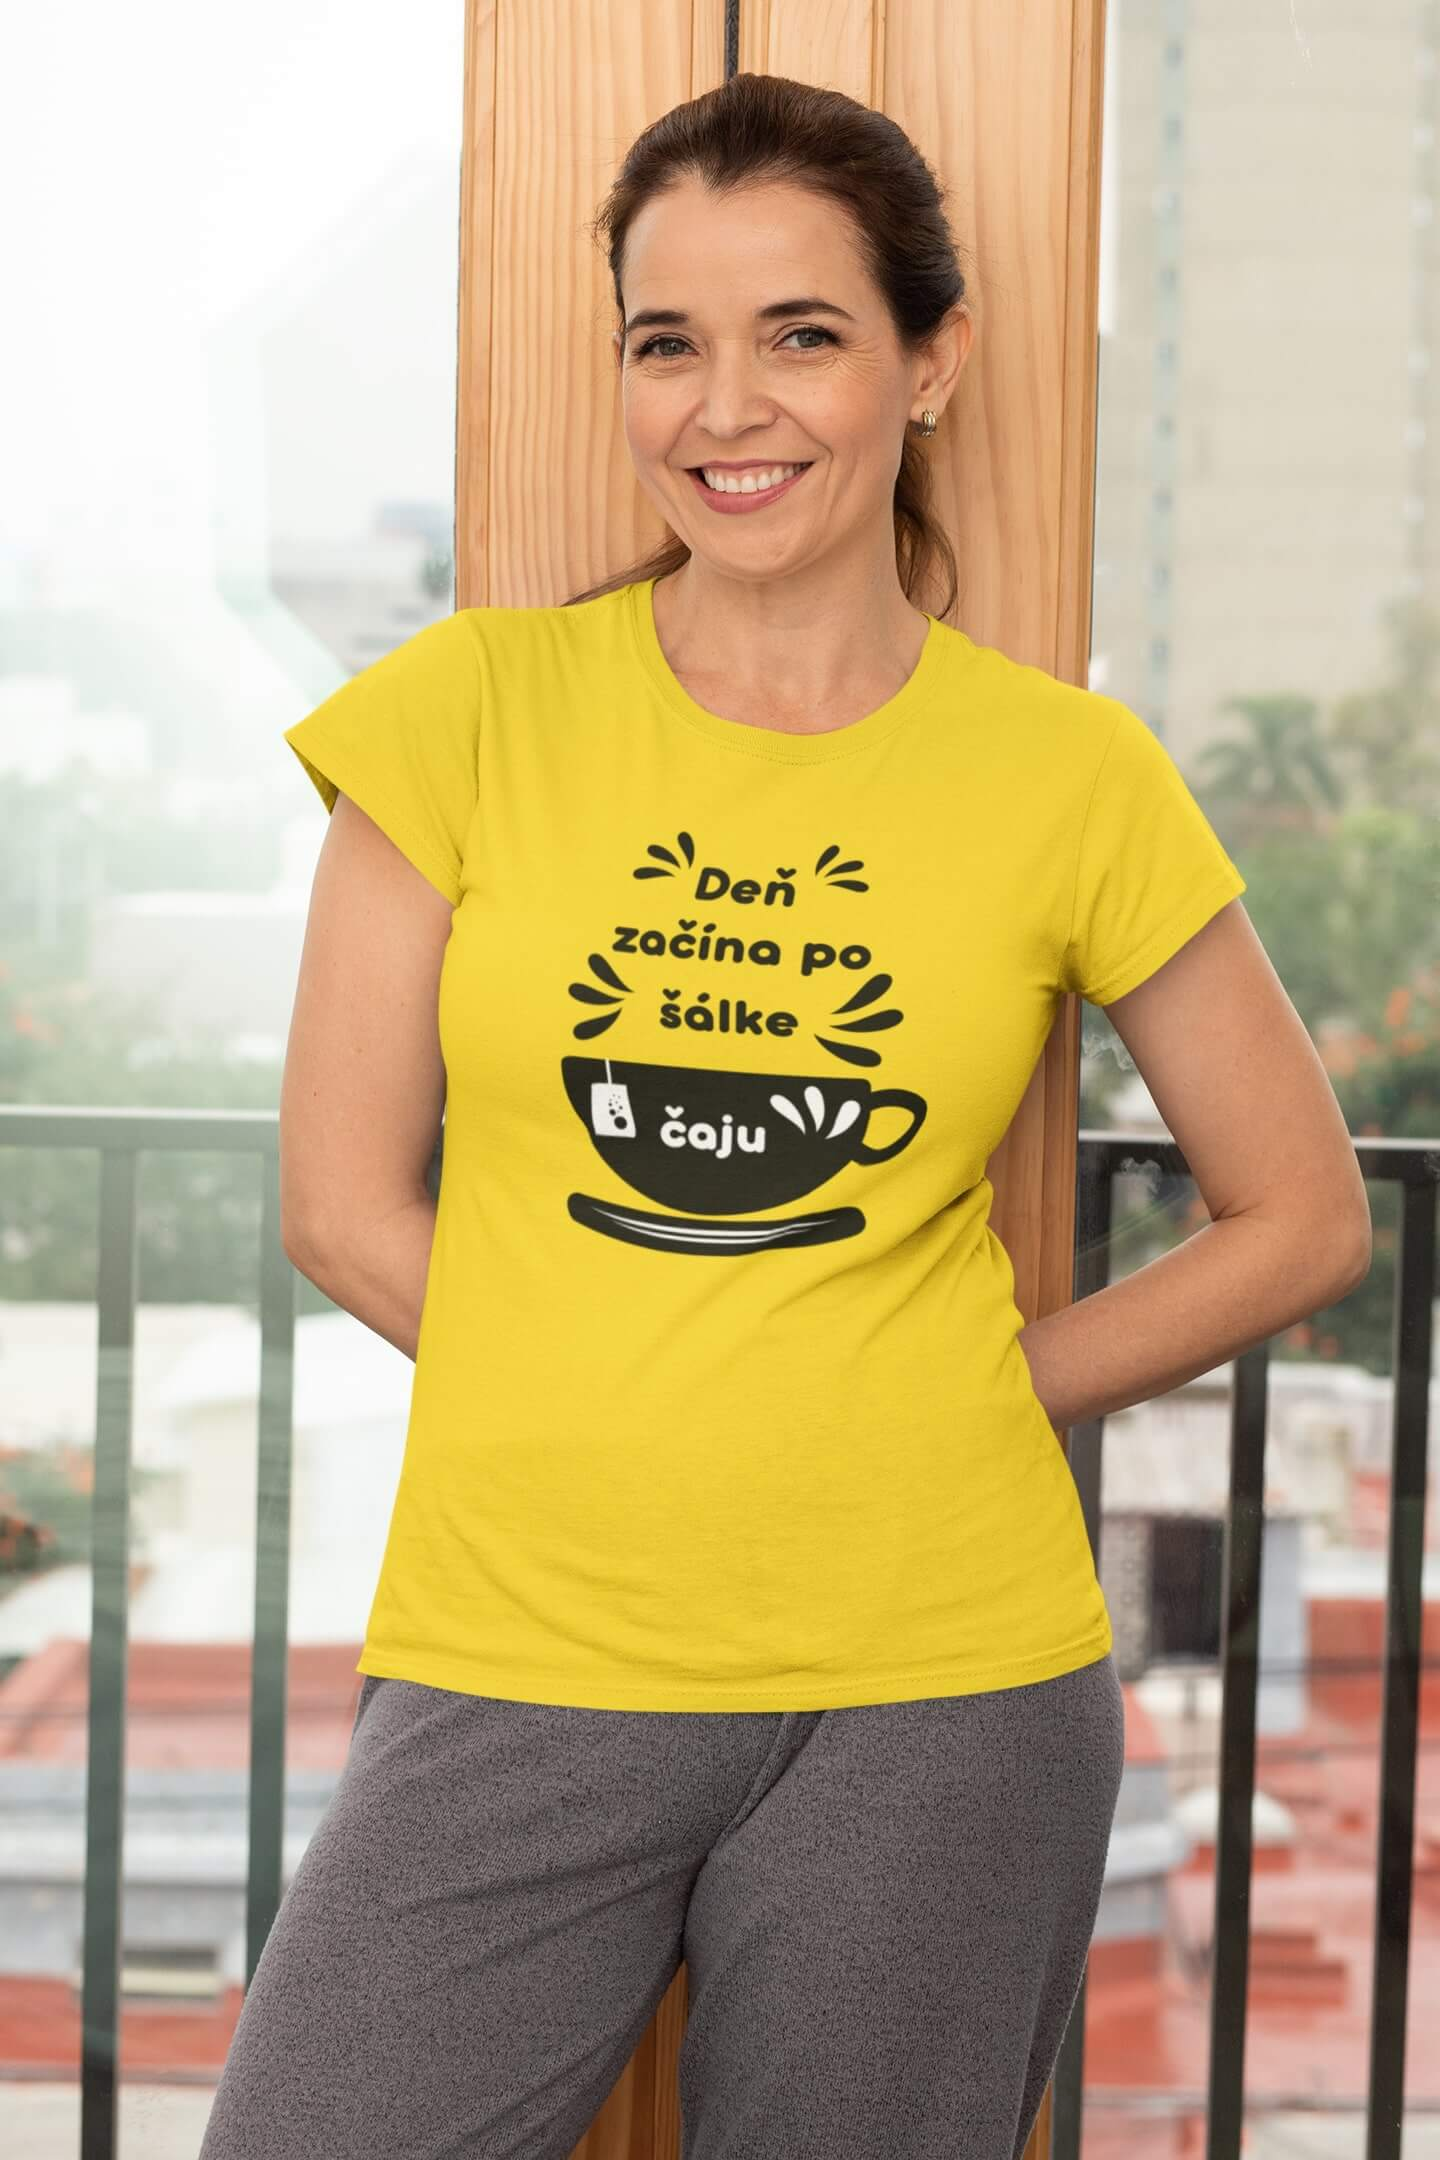 MMO Dámske tričko Šálka čaju Vyberte farbu: Žltá, Dámska veľkosť: S